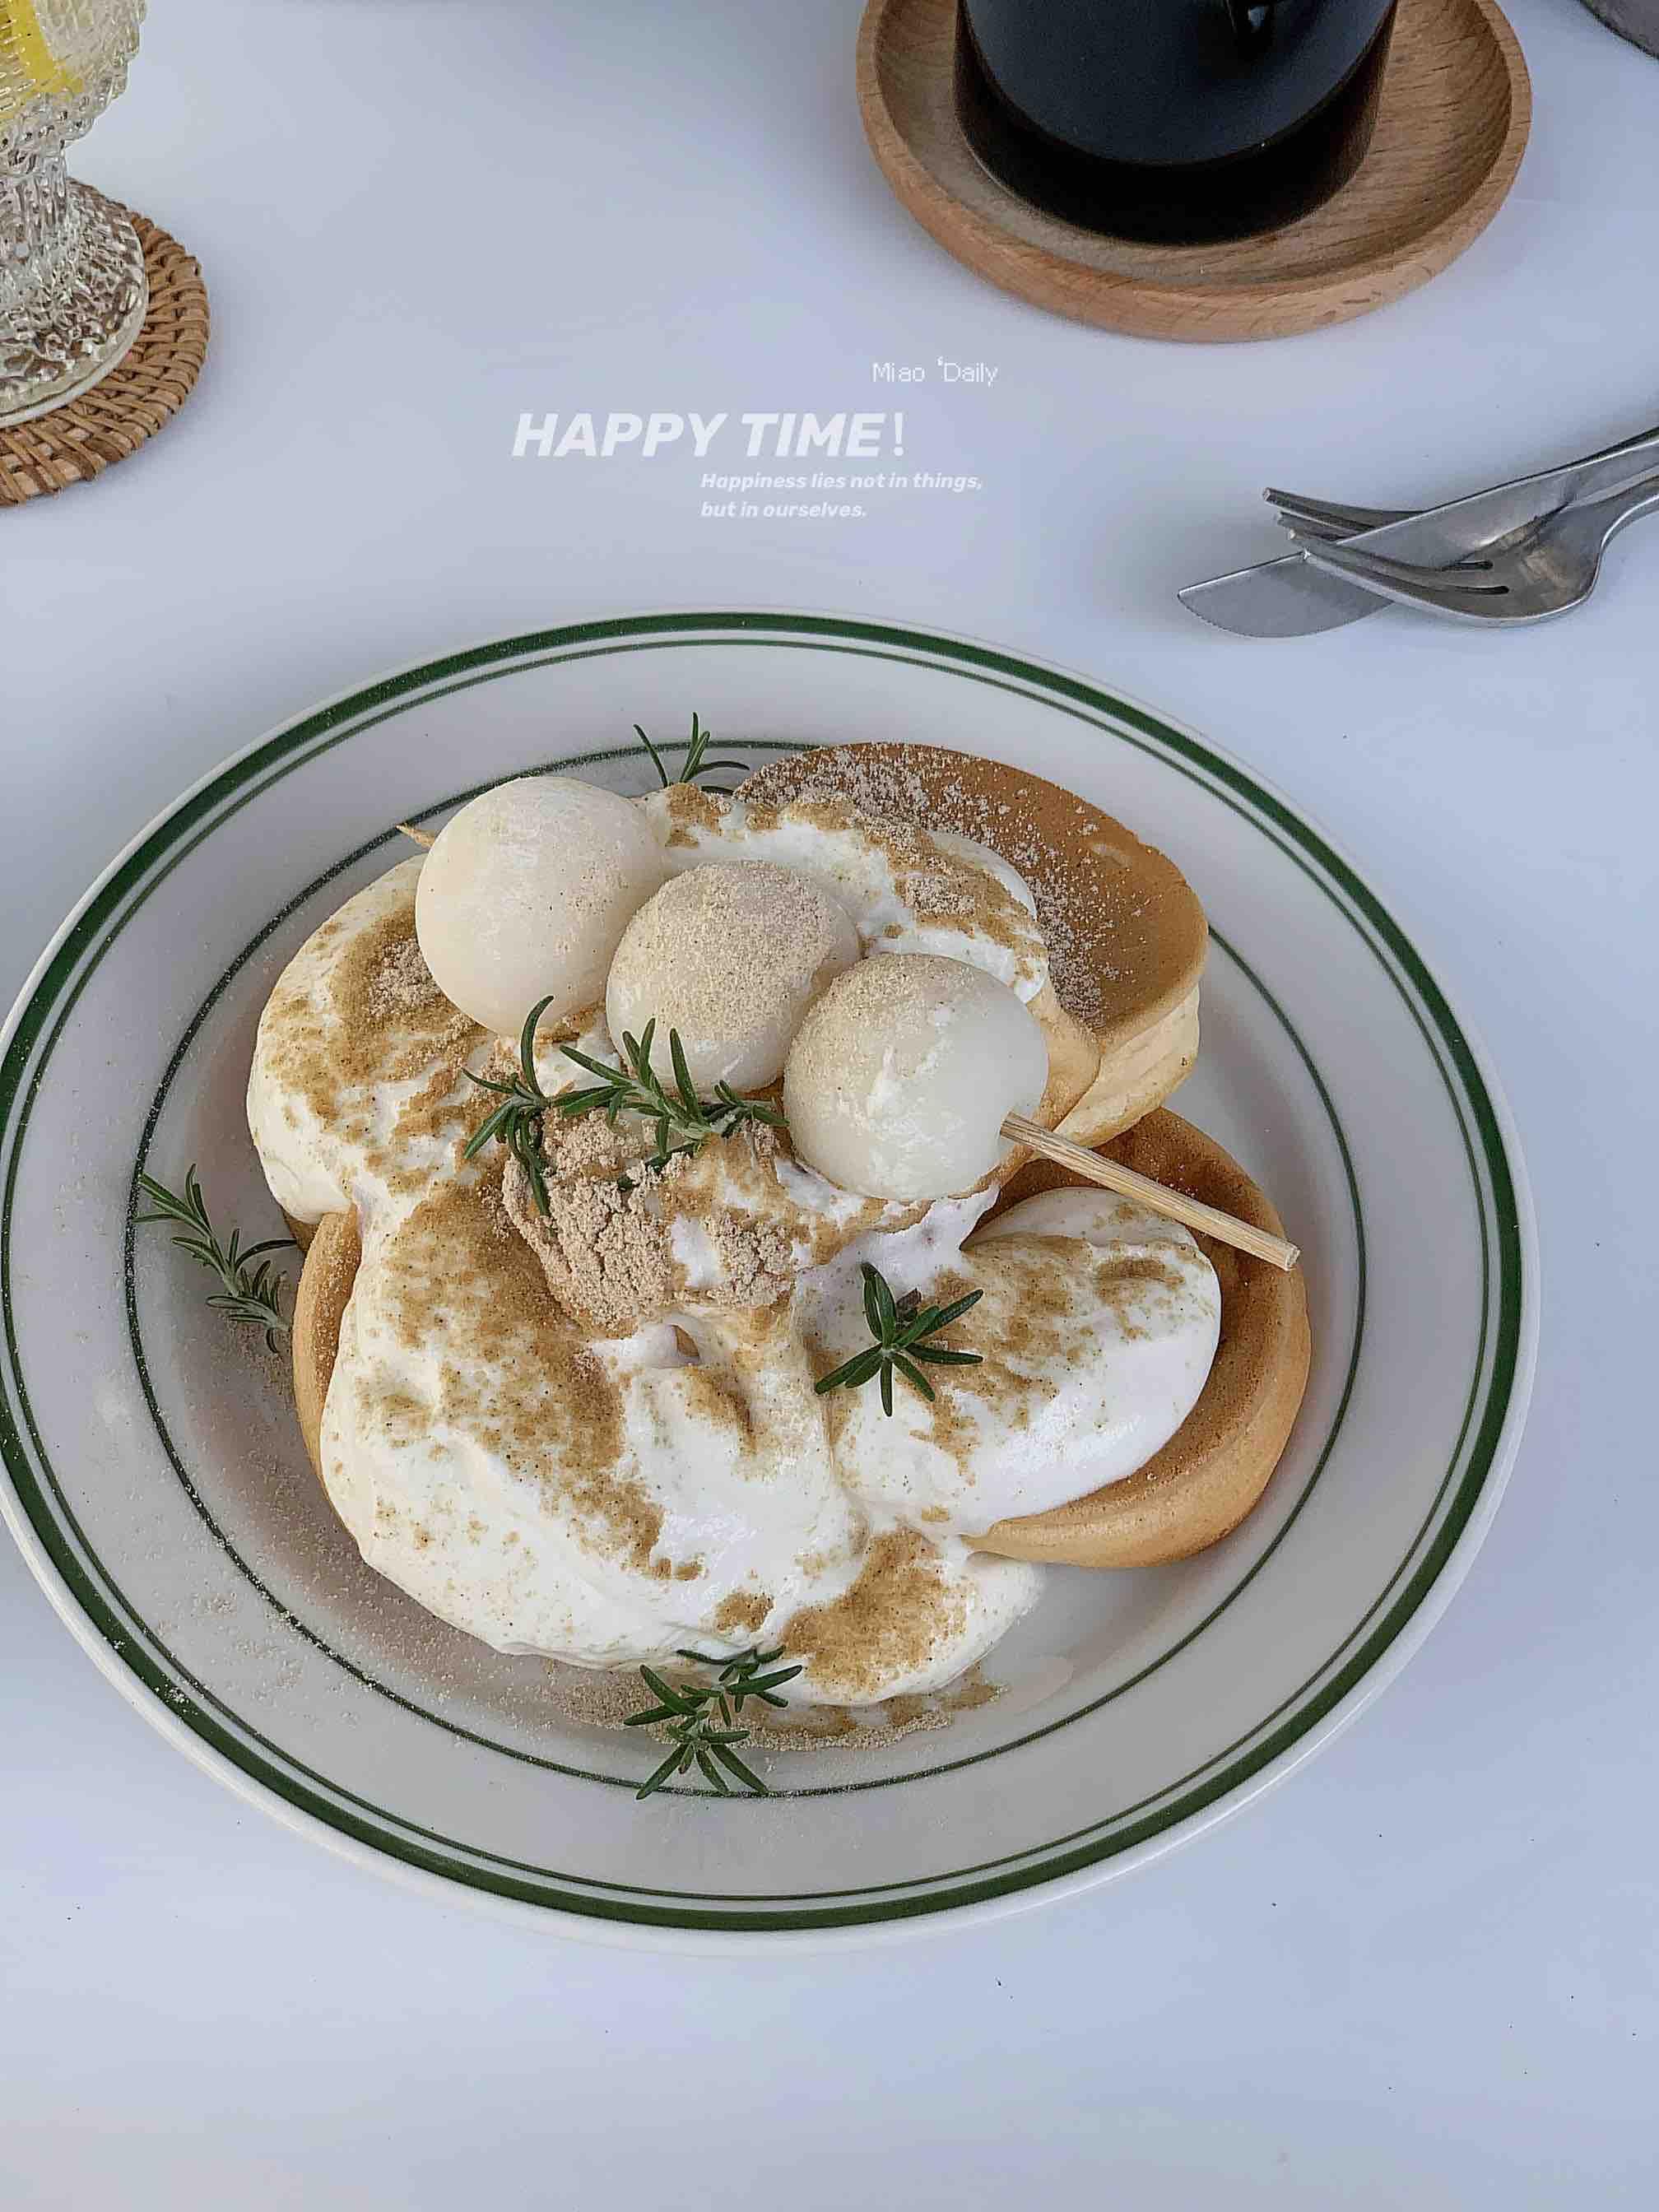 香甜松软的酸奶舒芙蕾松饼